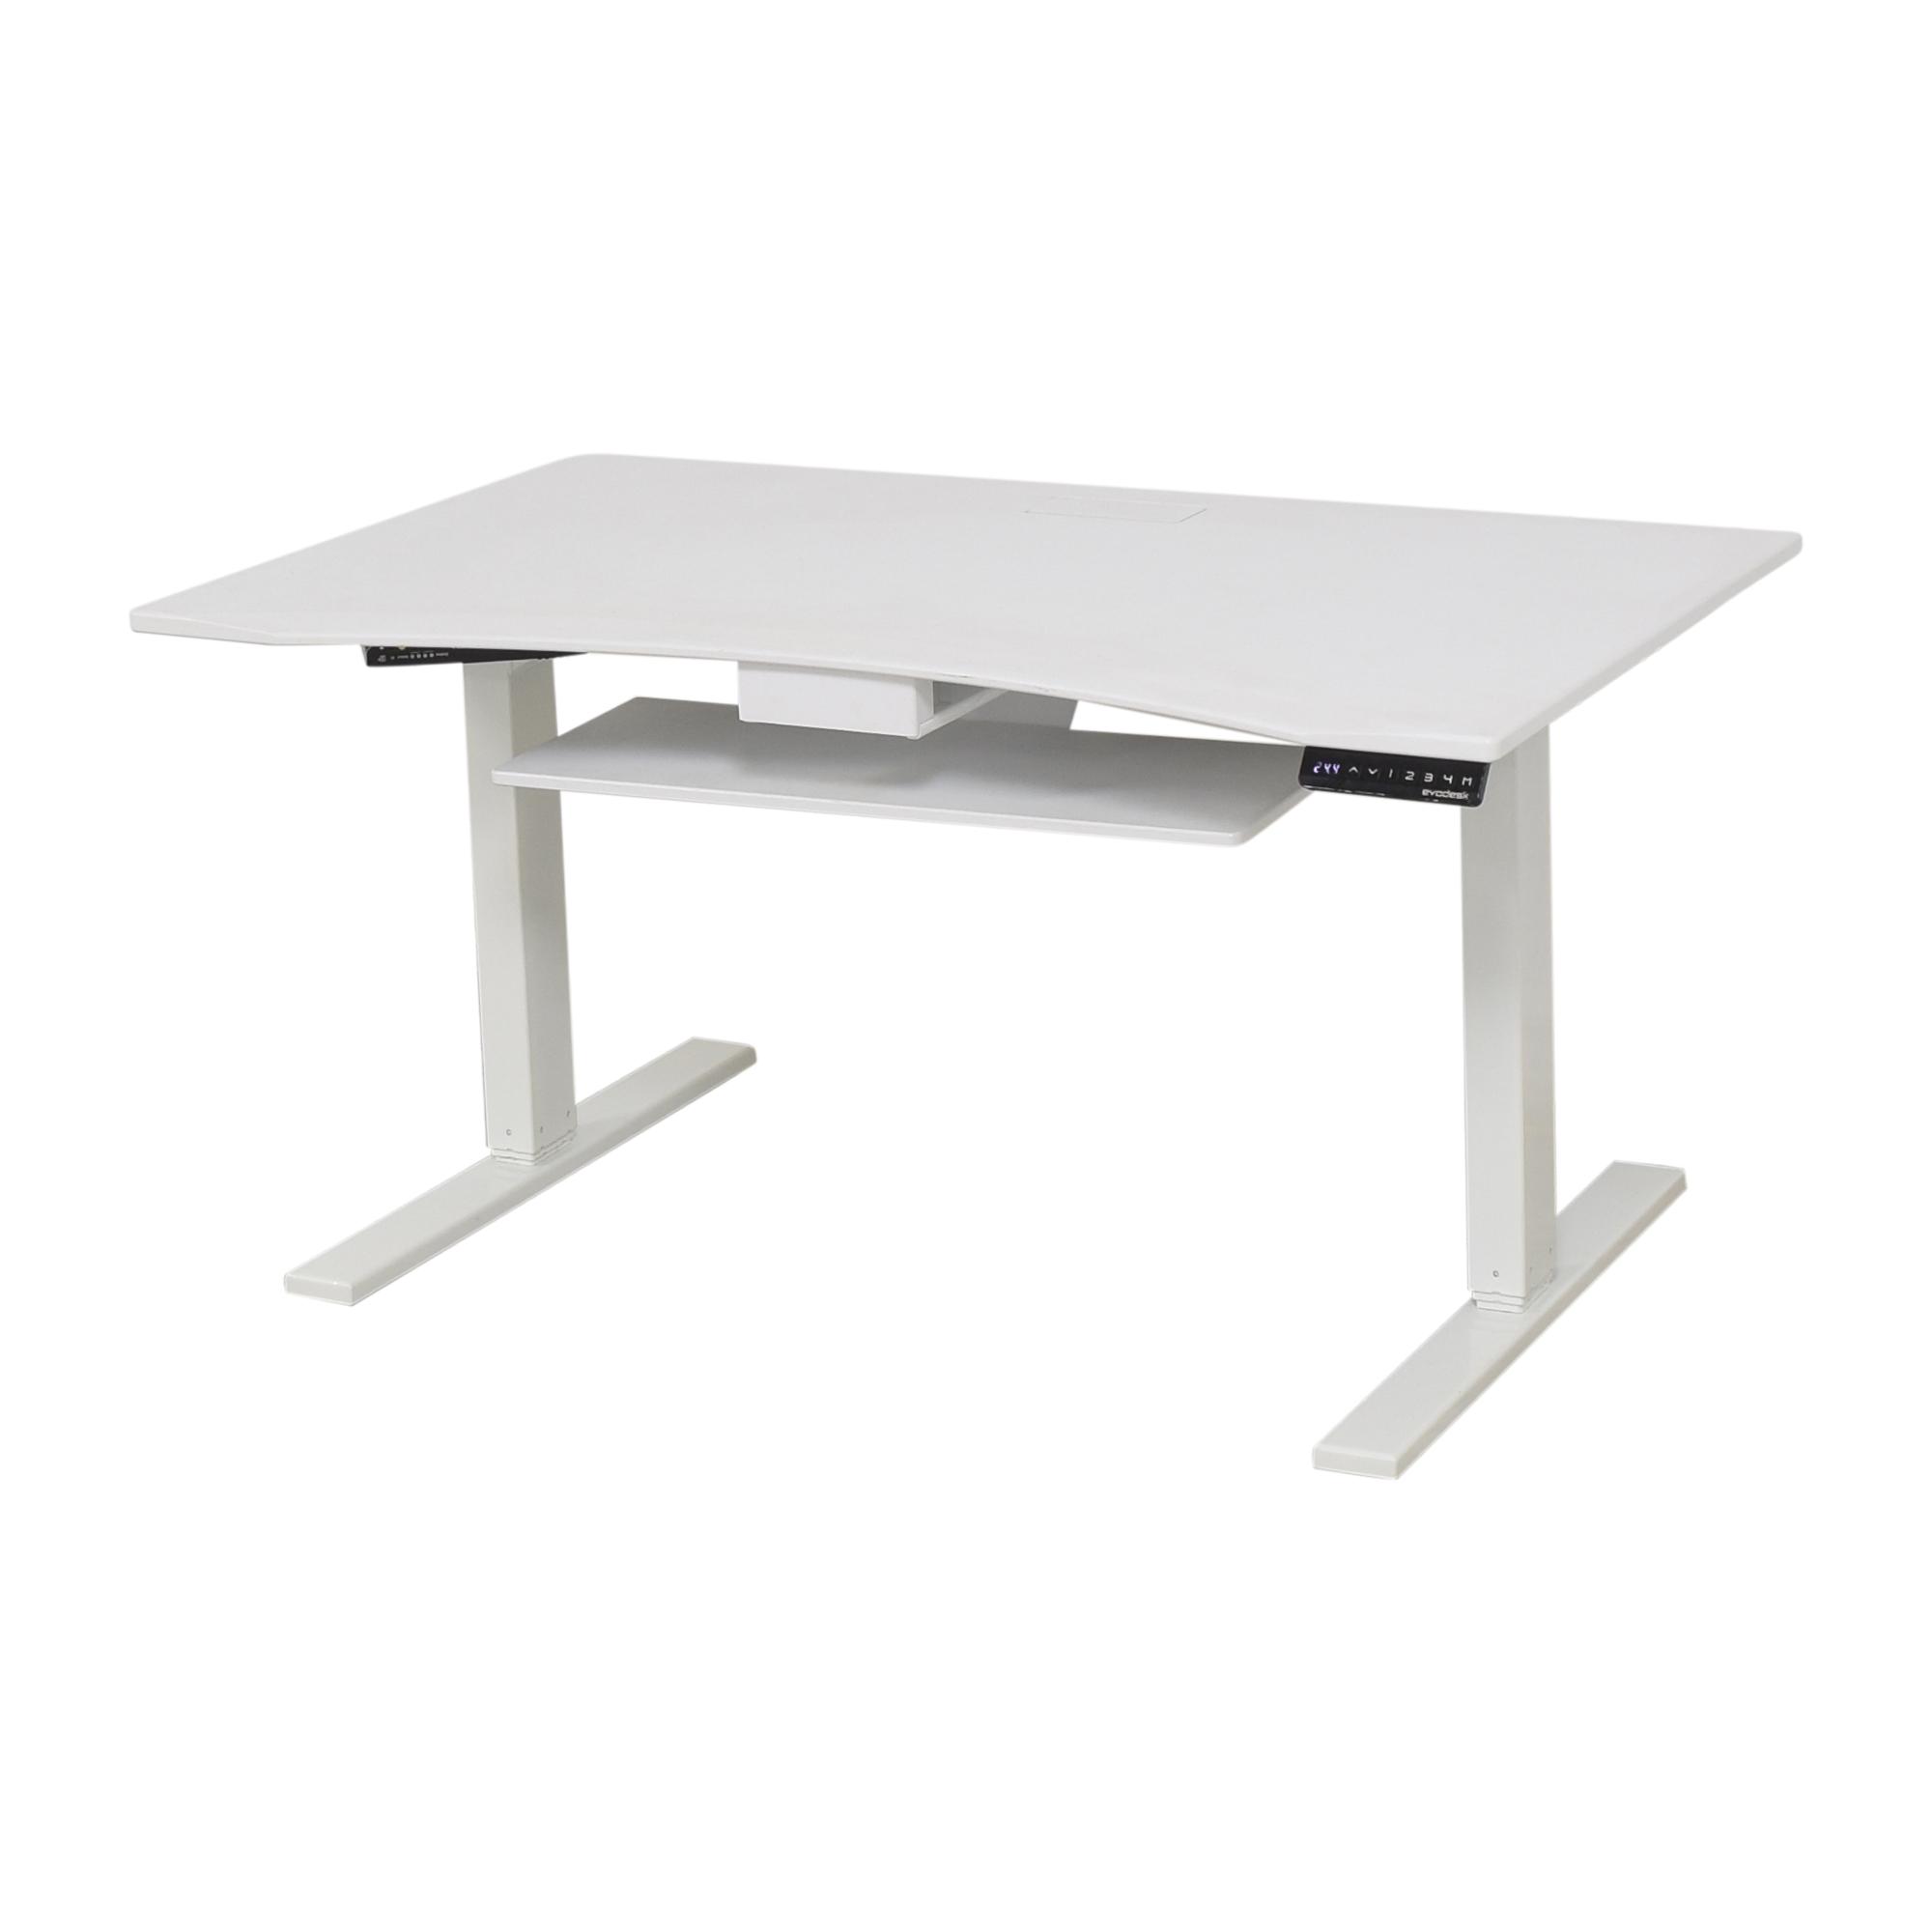 Evodesk Evodesk Power Adjustable Standing Desk used